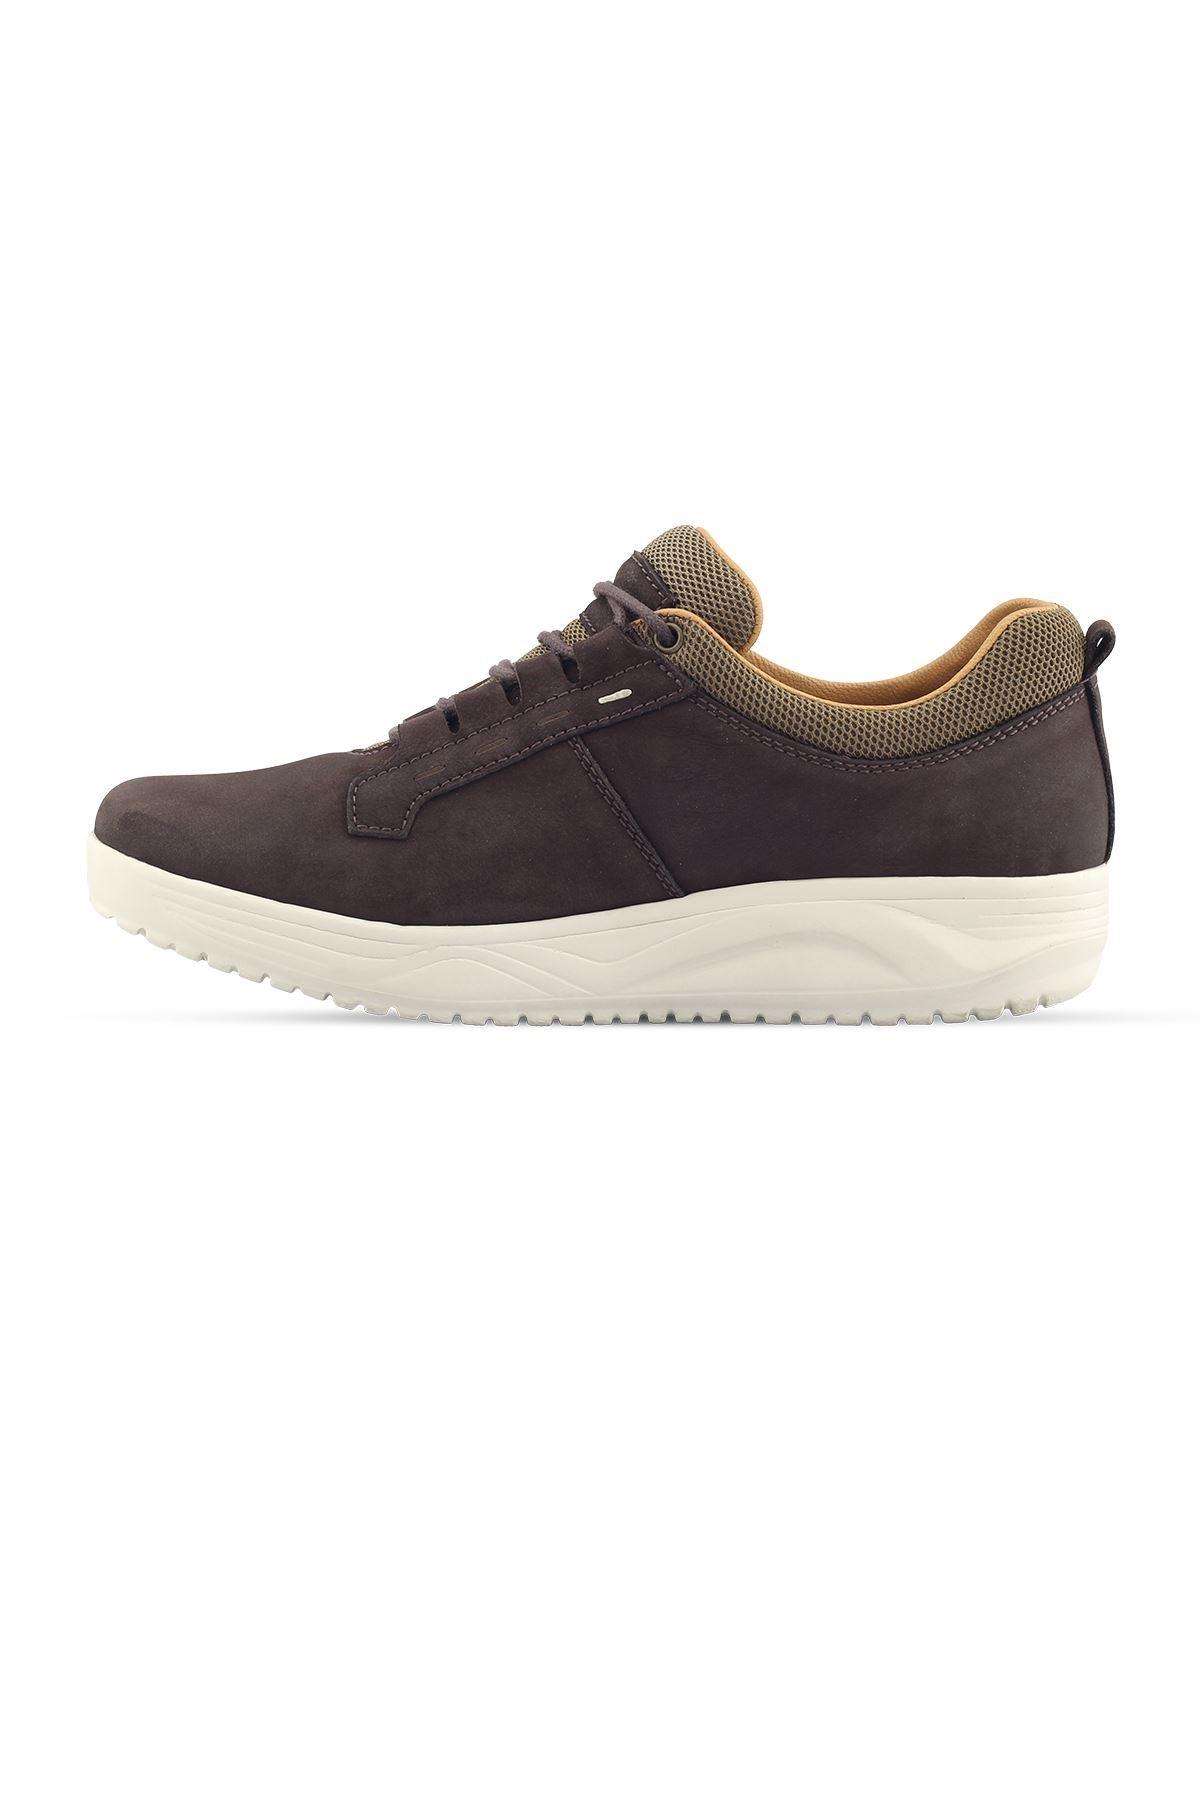 1875 Nubuk Kahve Erkek Yürüyüş Ayakkabısı